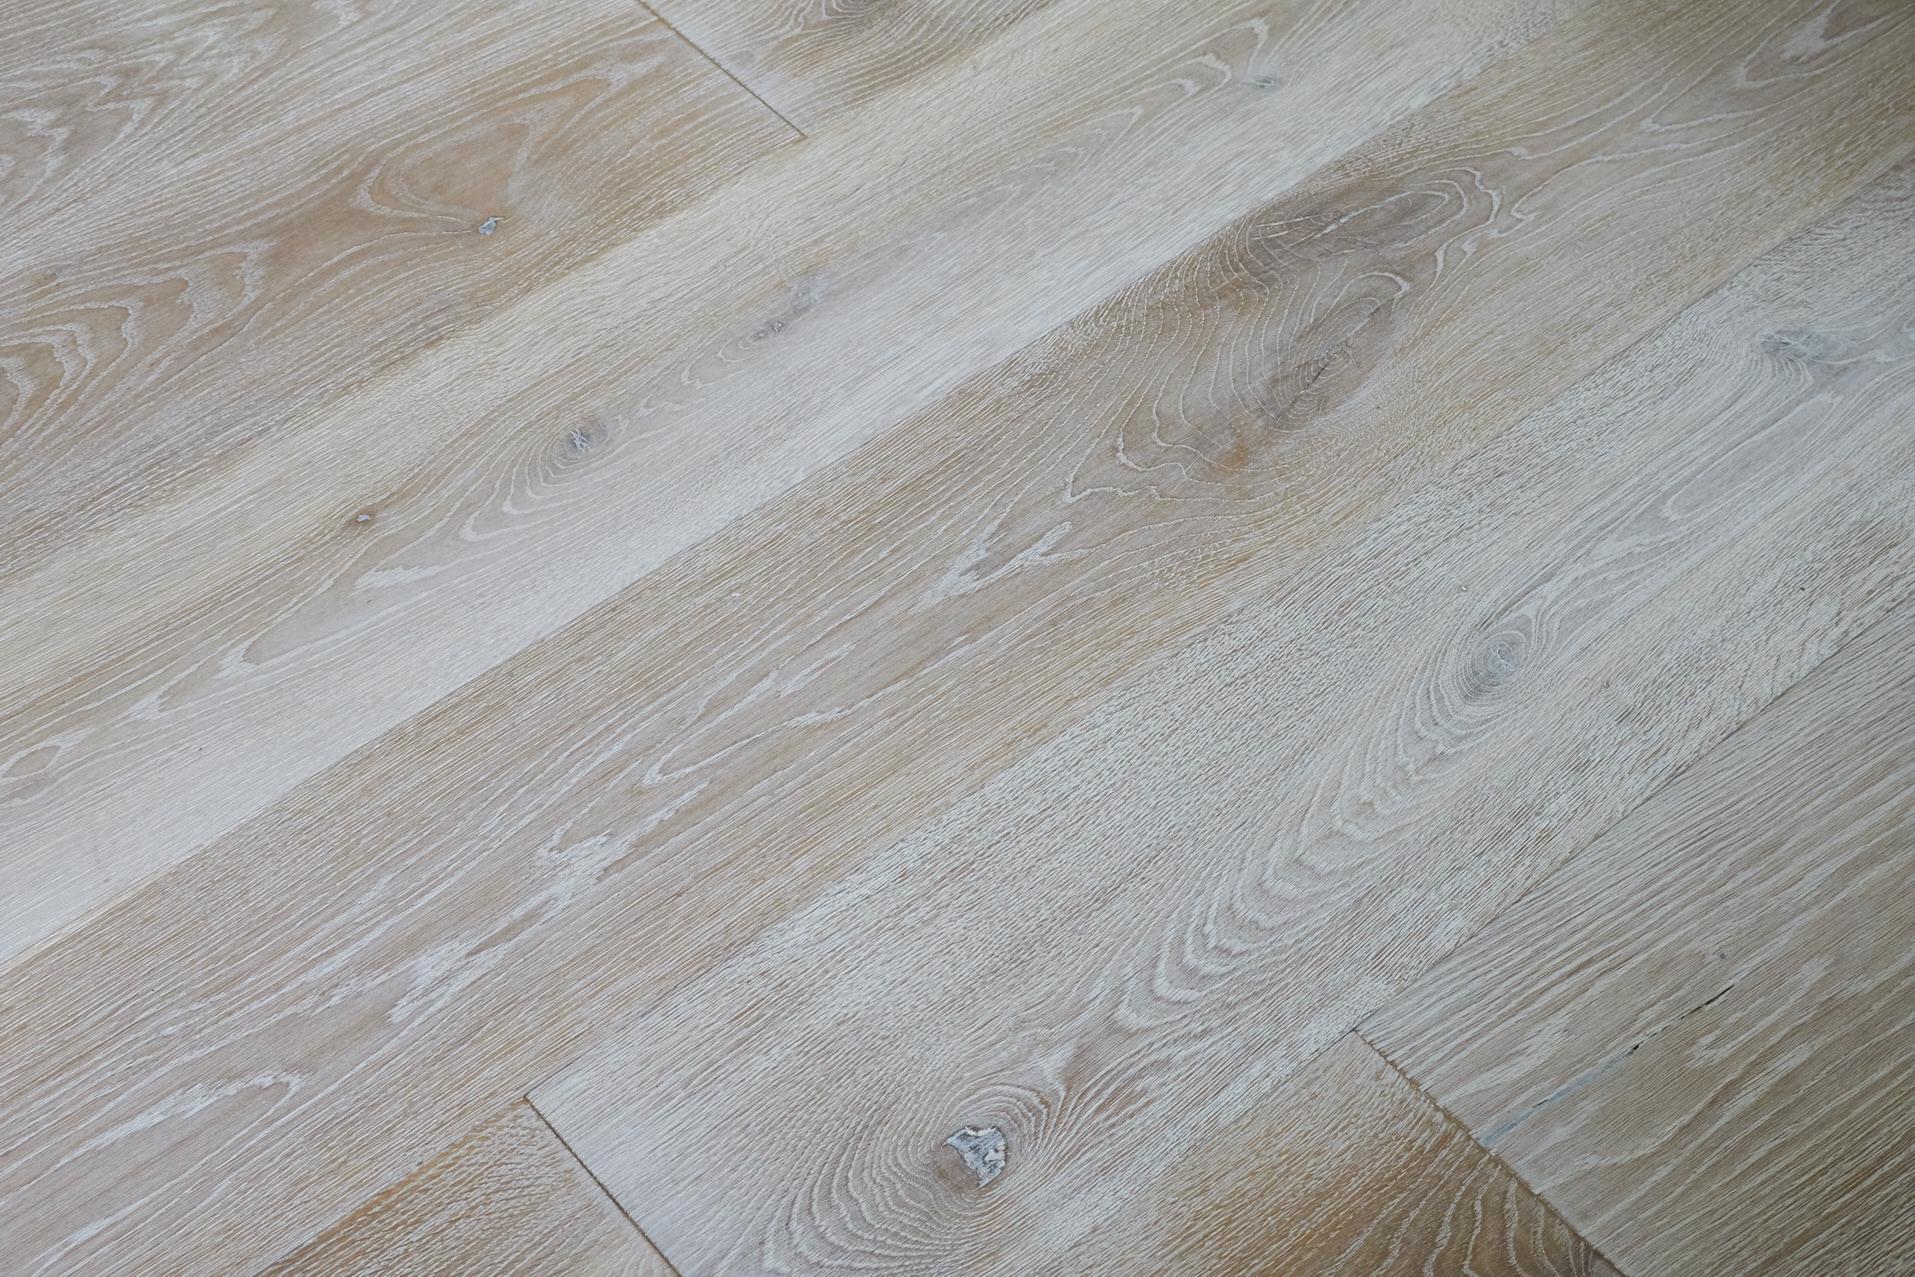 Moor Monkton Barn bedroom flooring